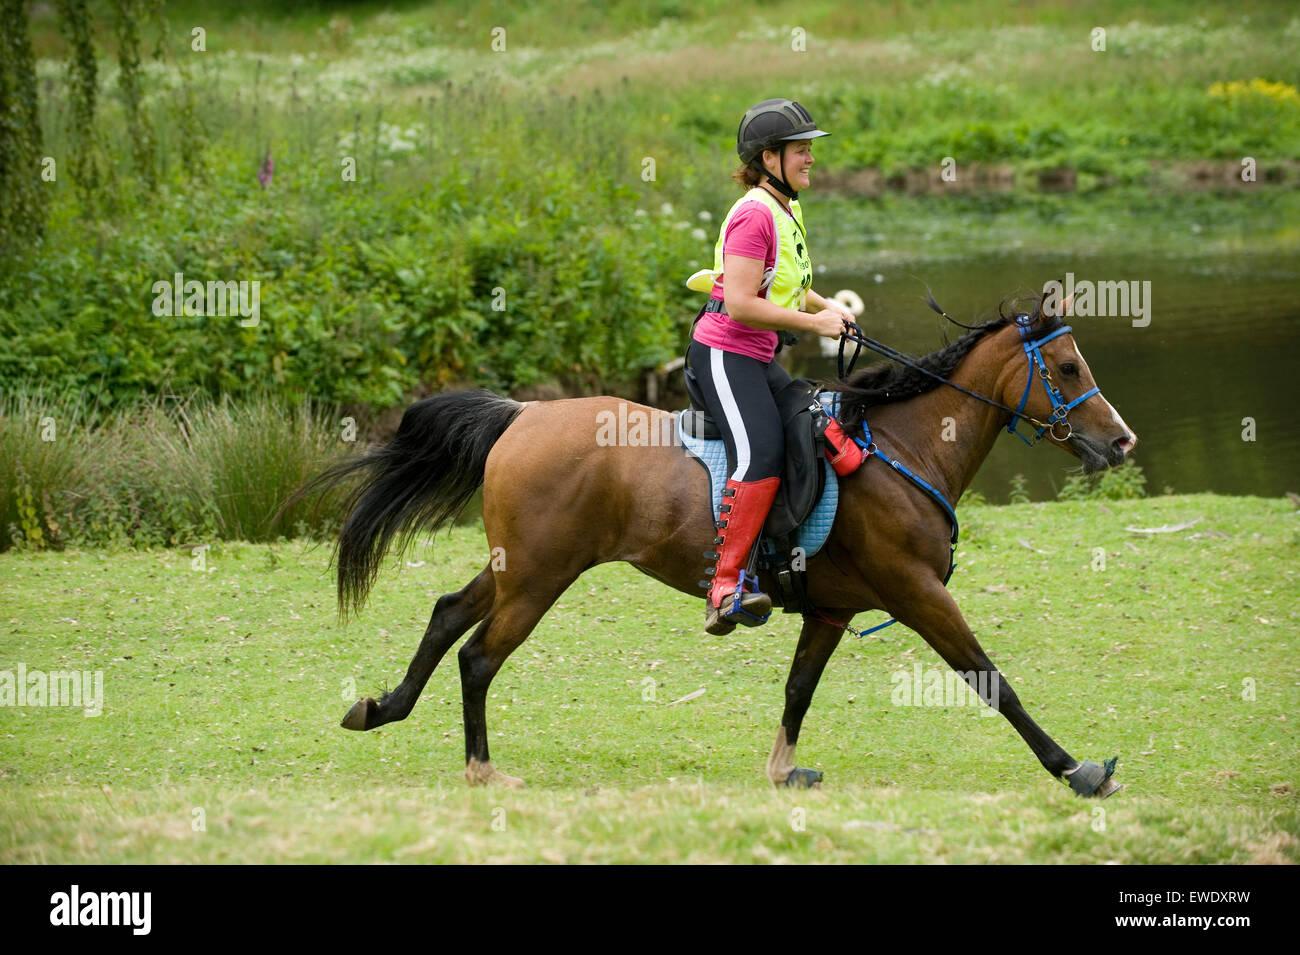 Endurance corsa di cavalli Immagini Stock